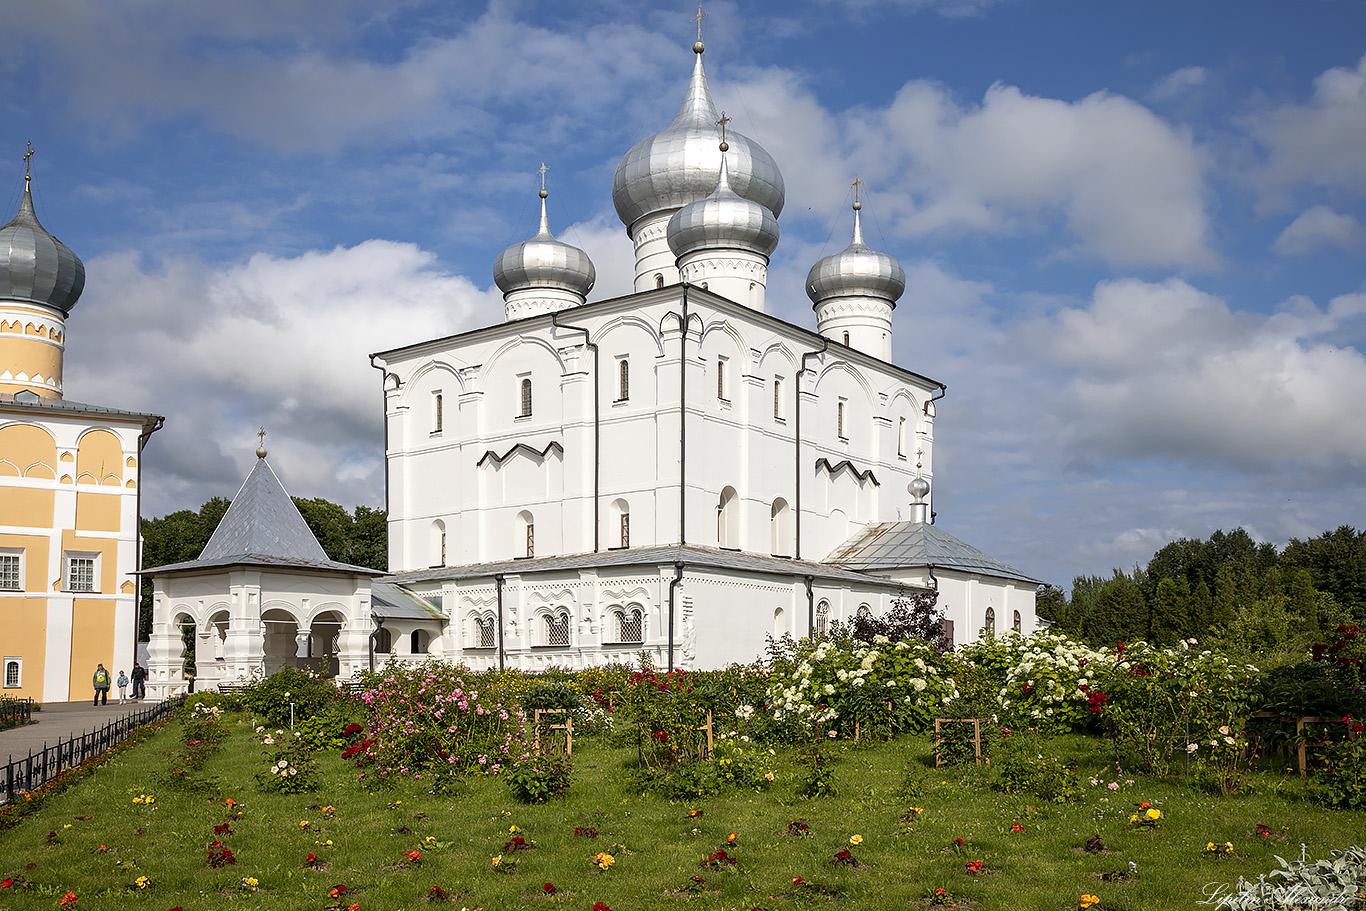 Варлаамо-Хутынский Спасо-Преображенский женский монастырь (Новгородская область)